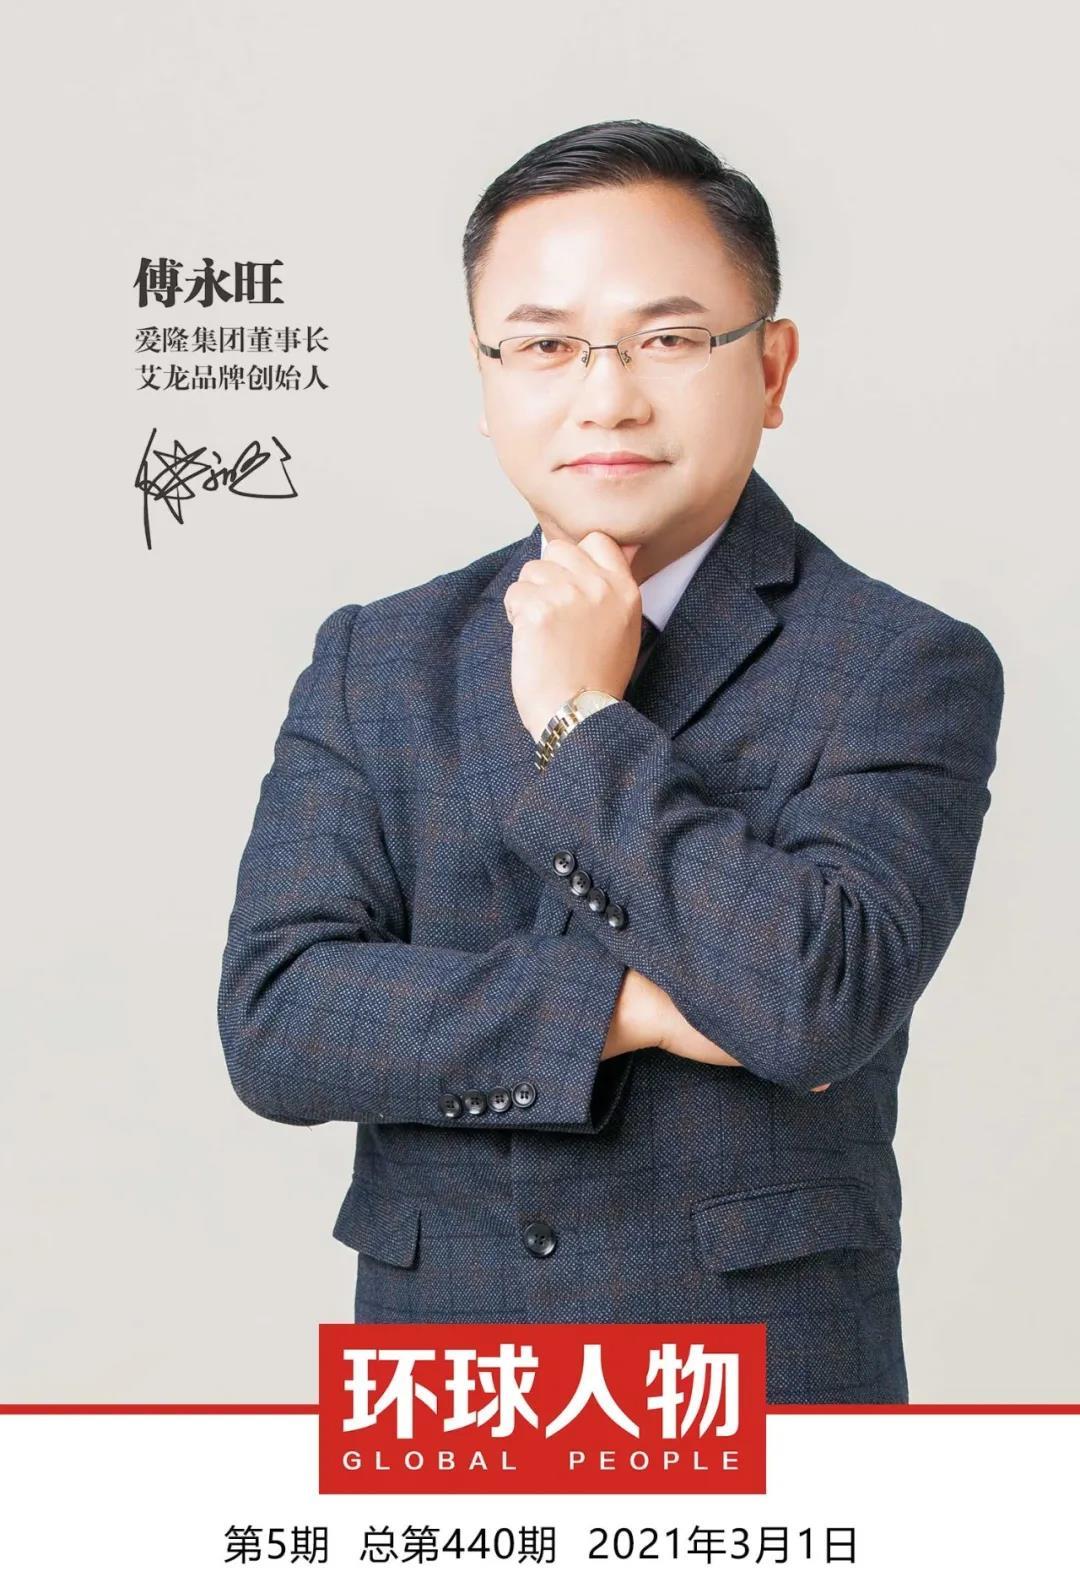 环球人物专访:艾龙品牌创始人傅永旺